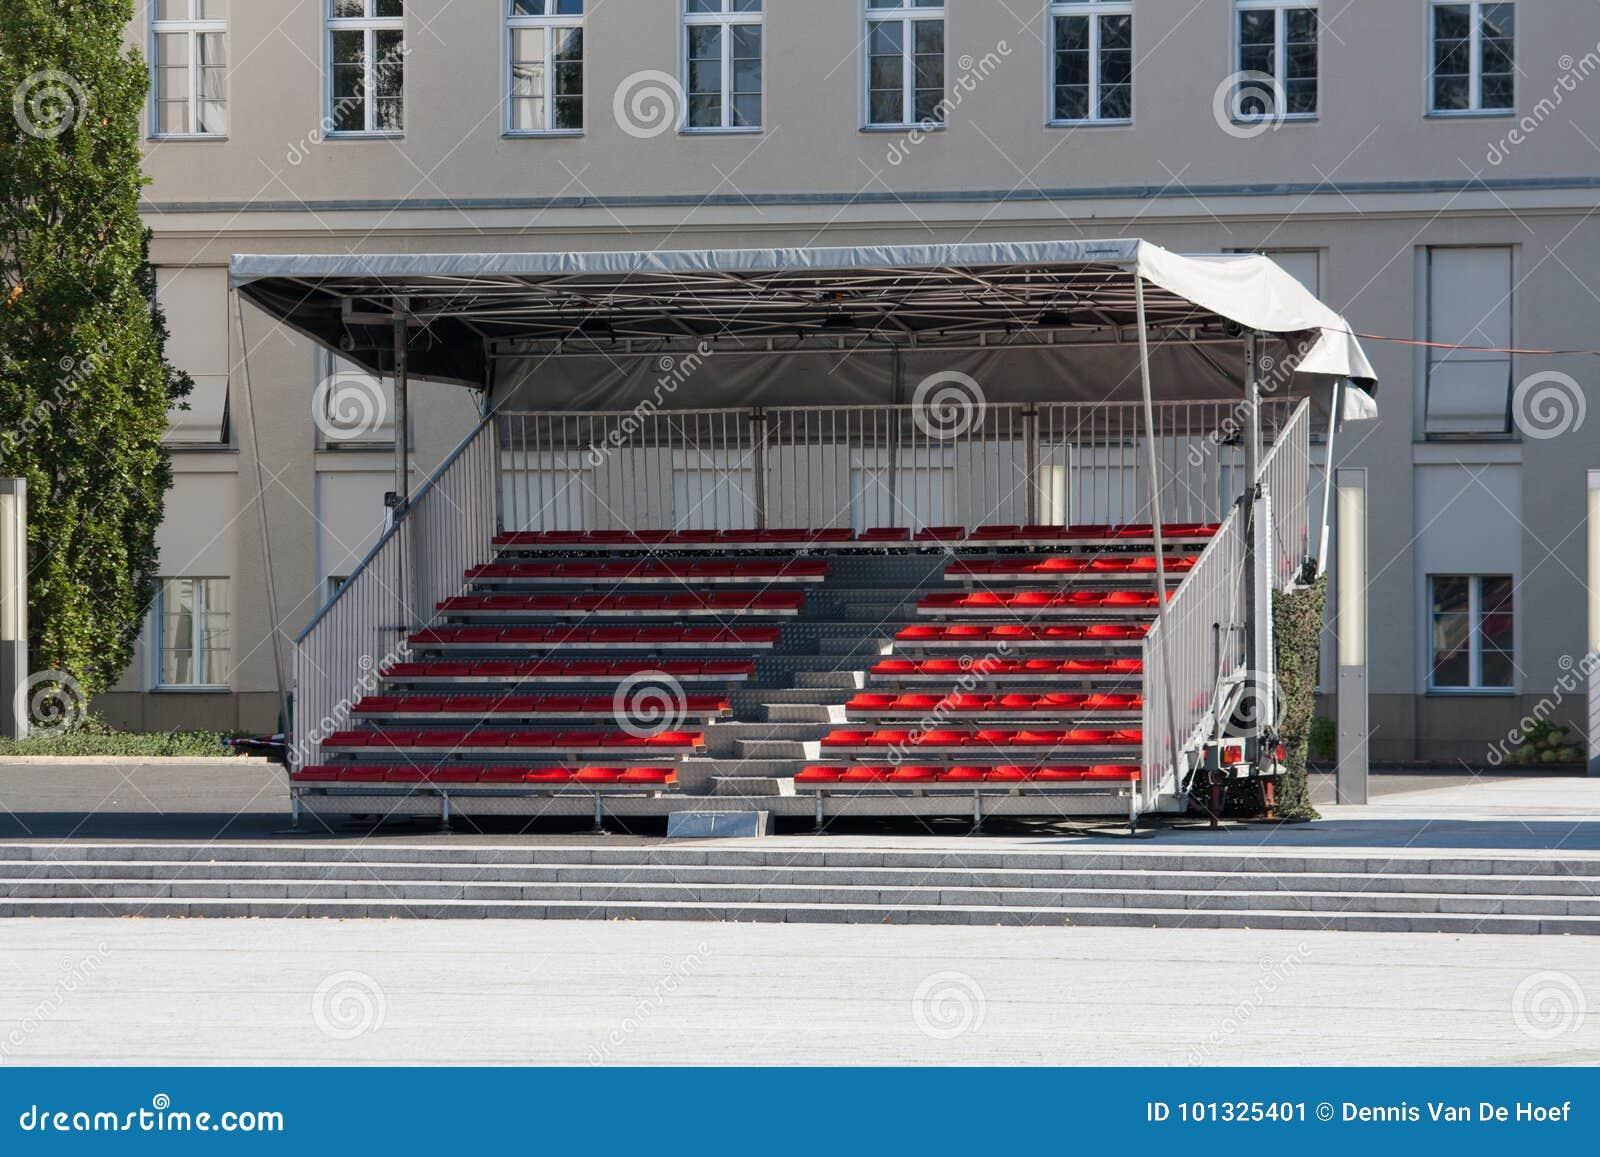 Empty temporary tribune.